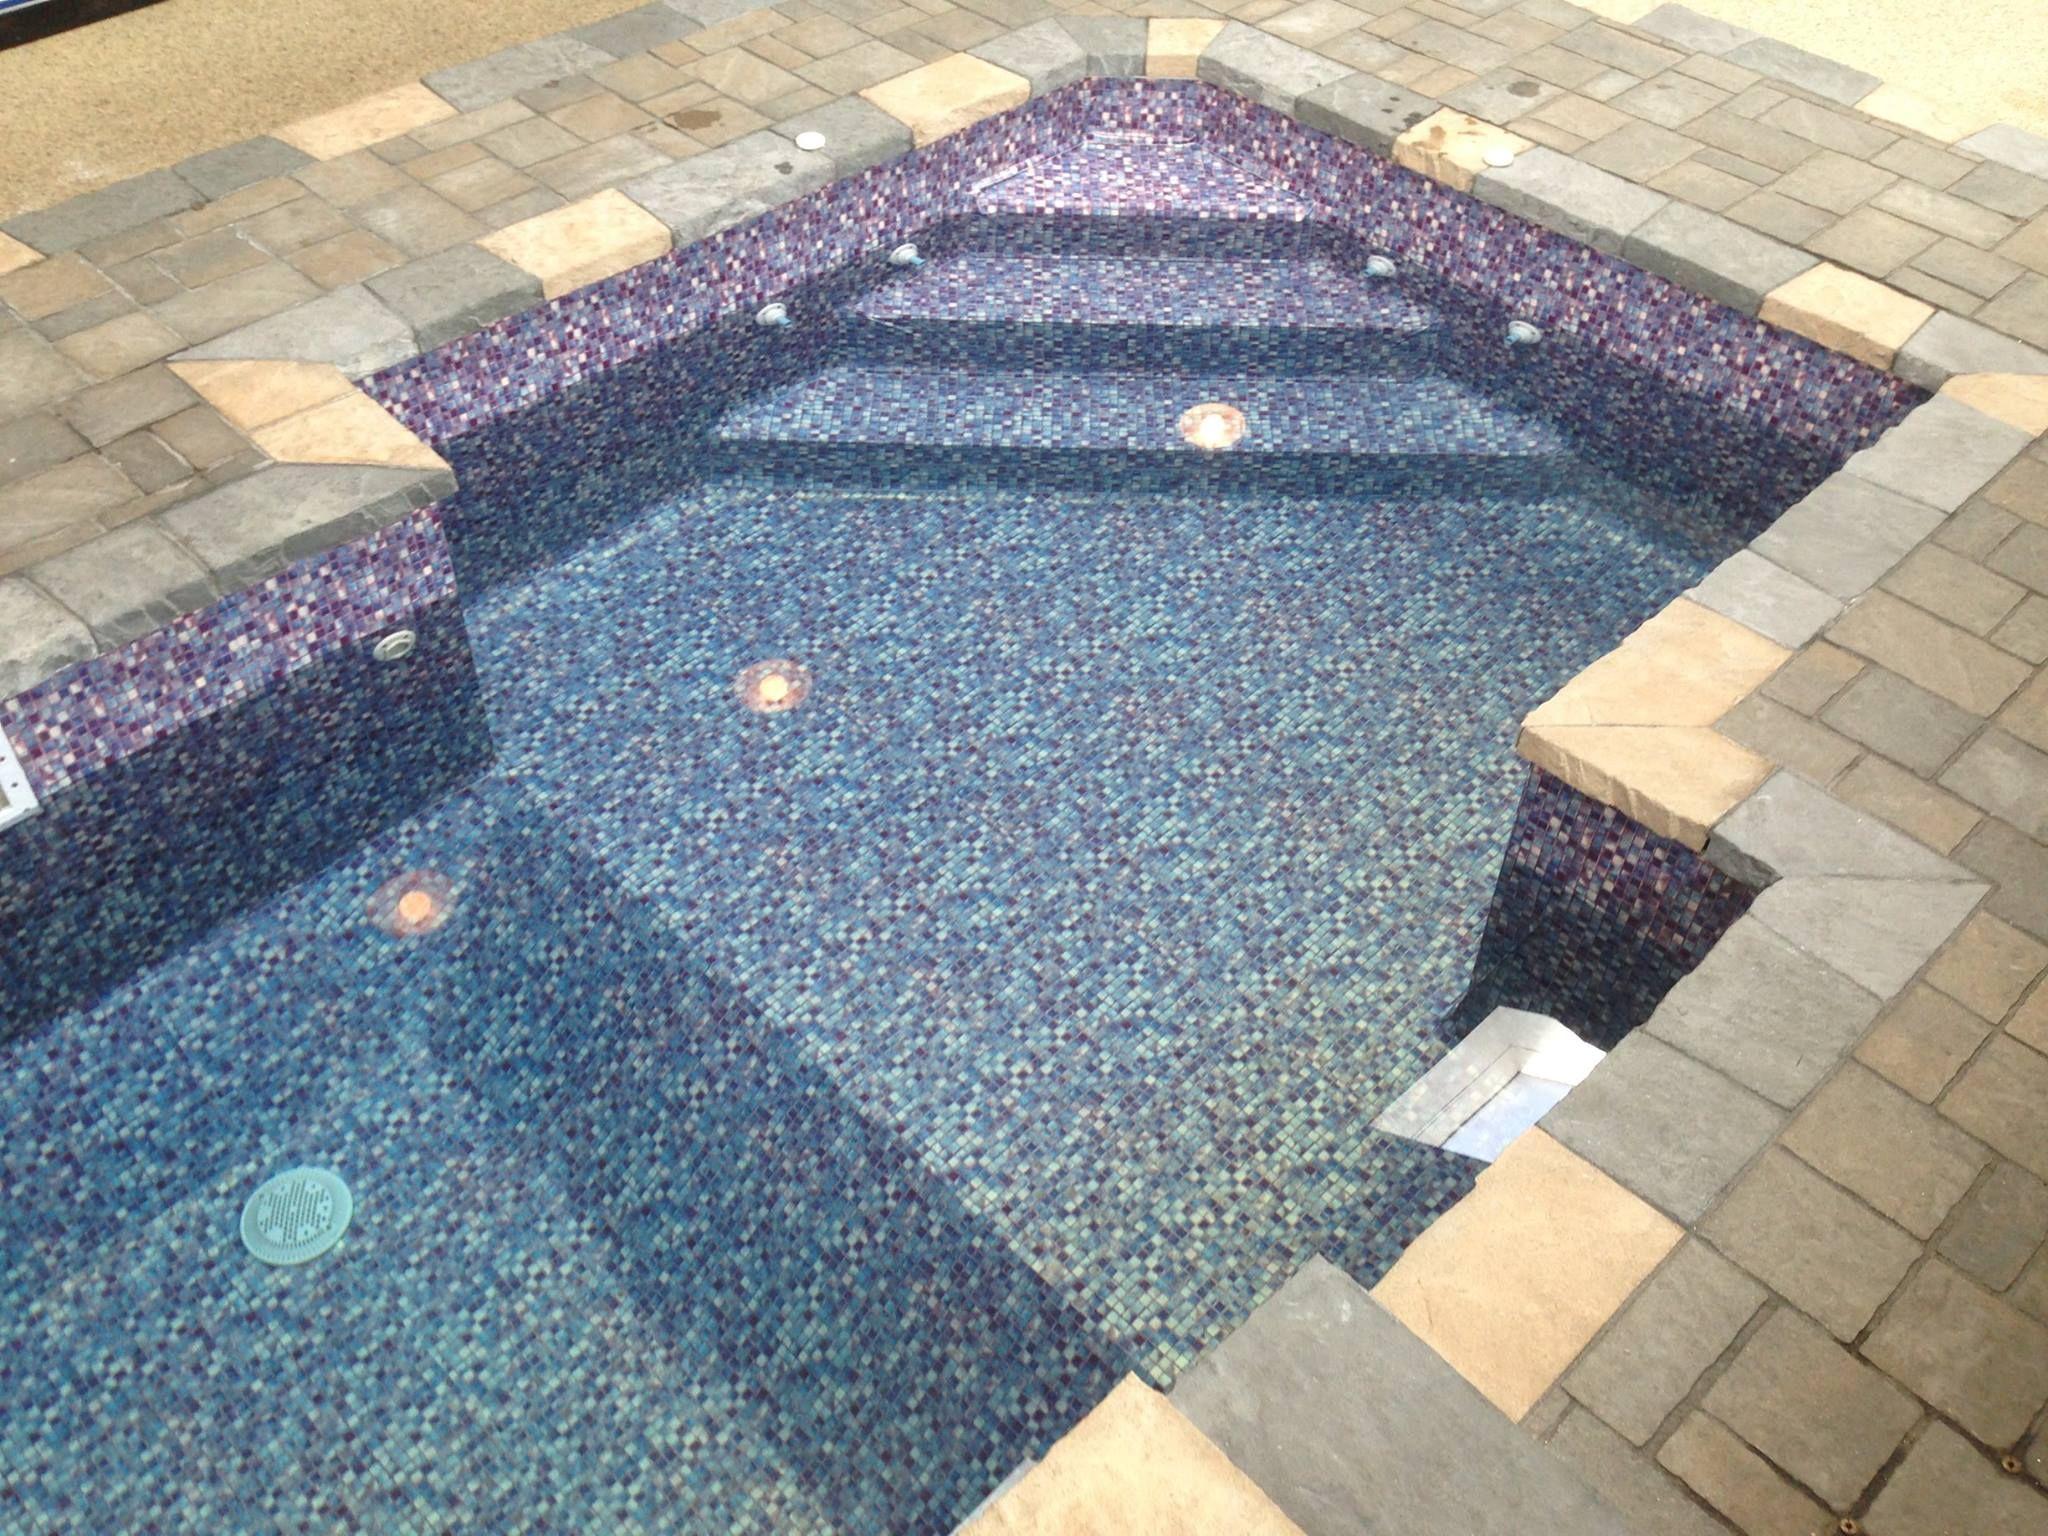 Luminous Soul pool liner Pool Liners Pinterest Pool liners